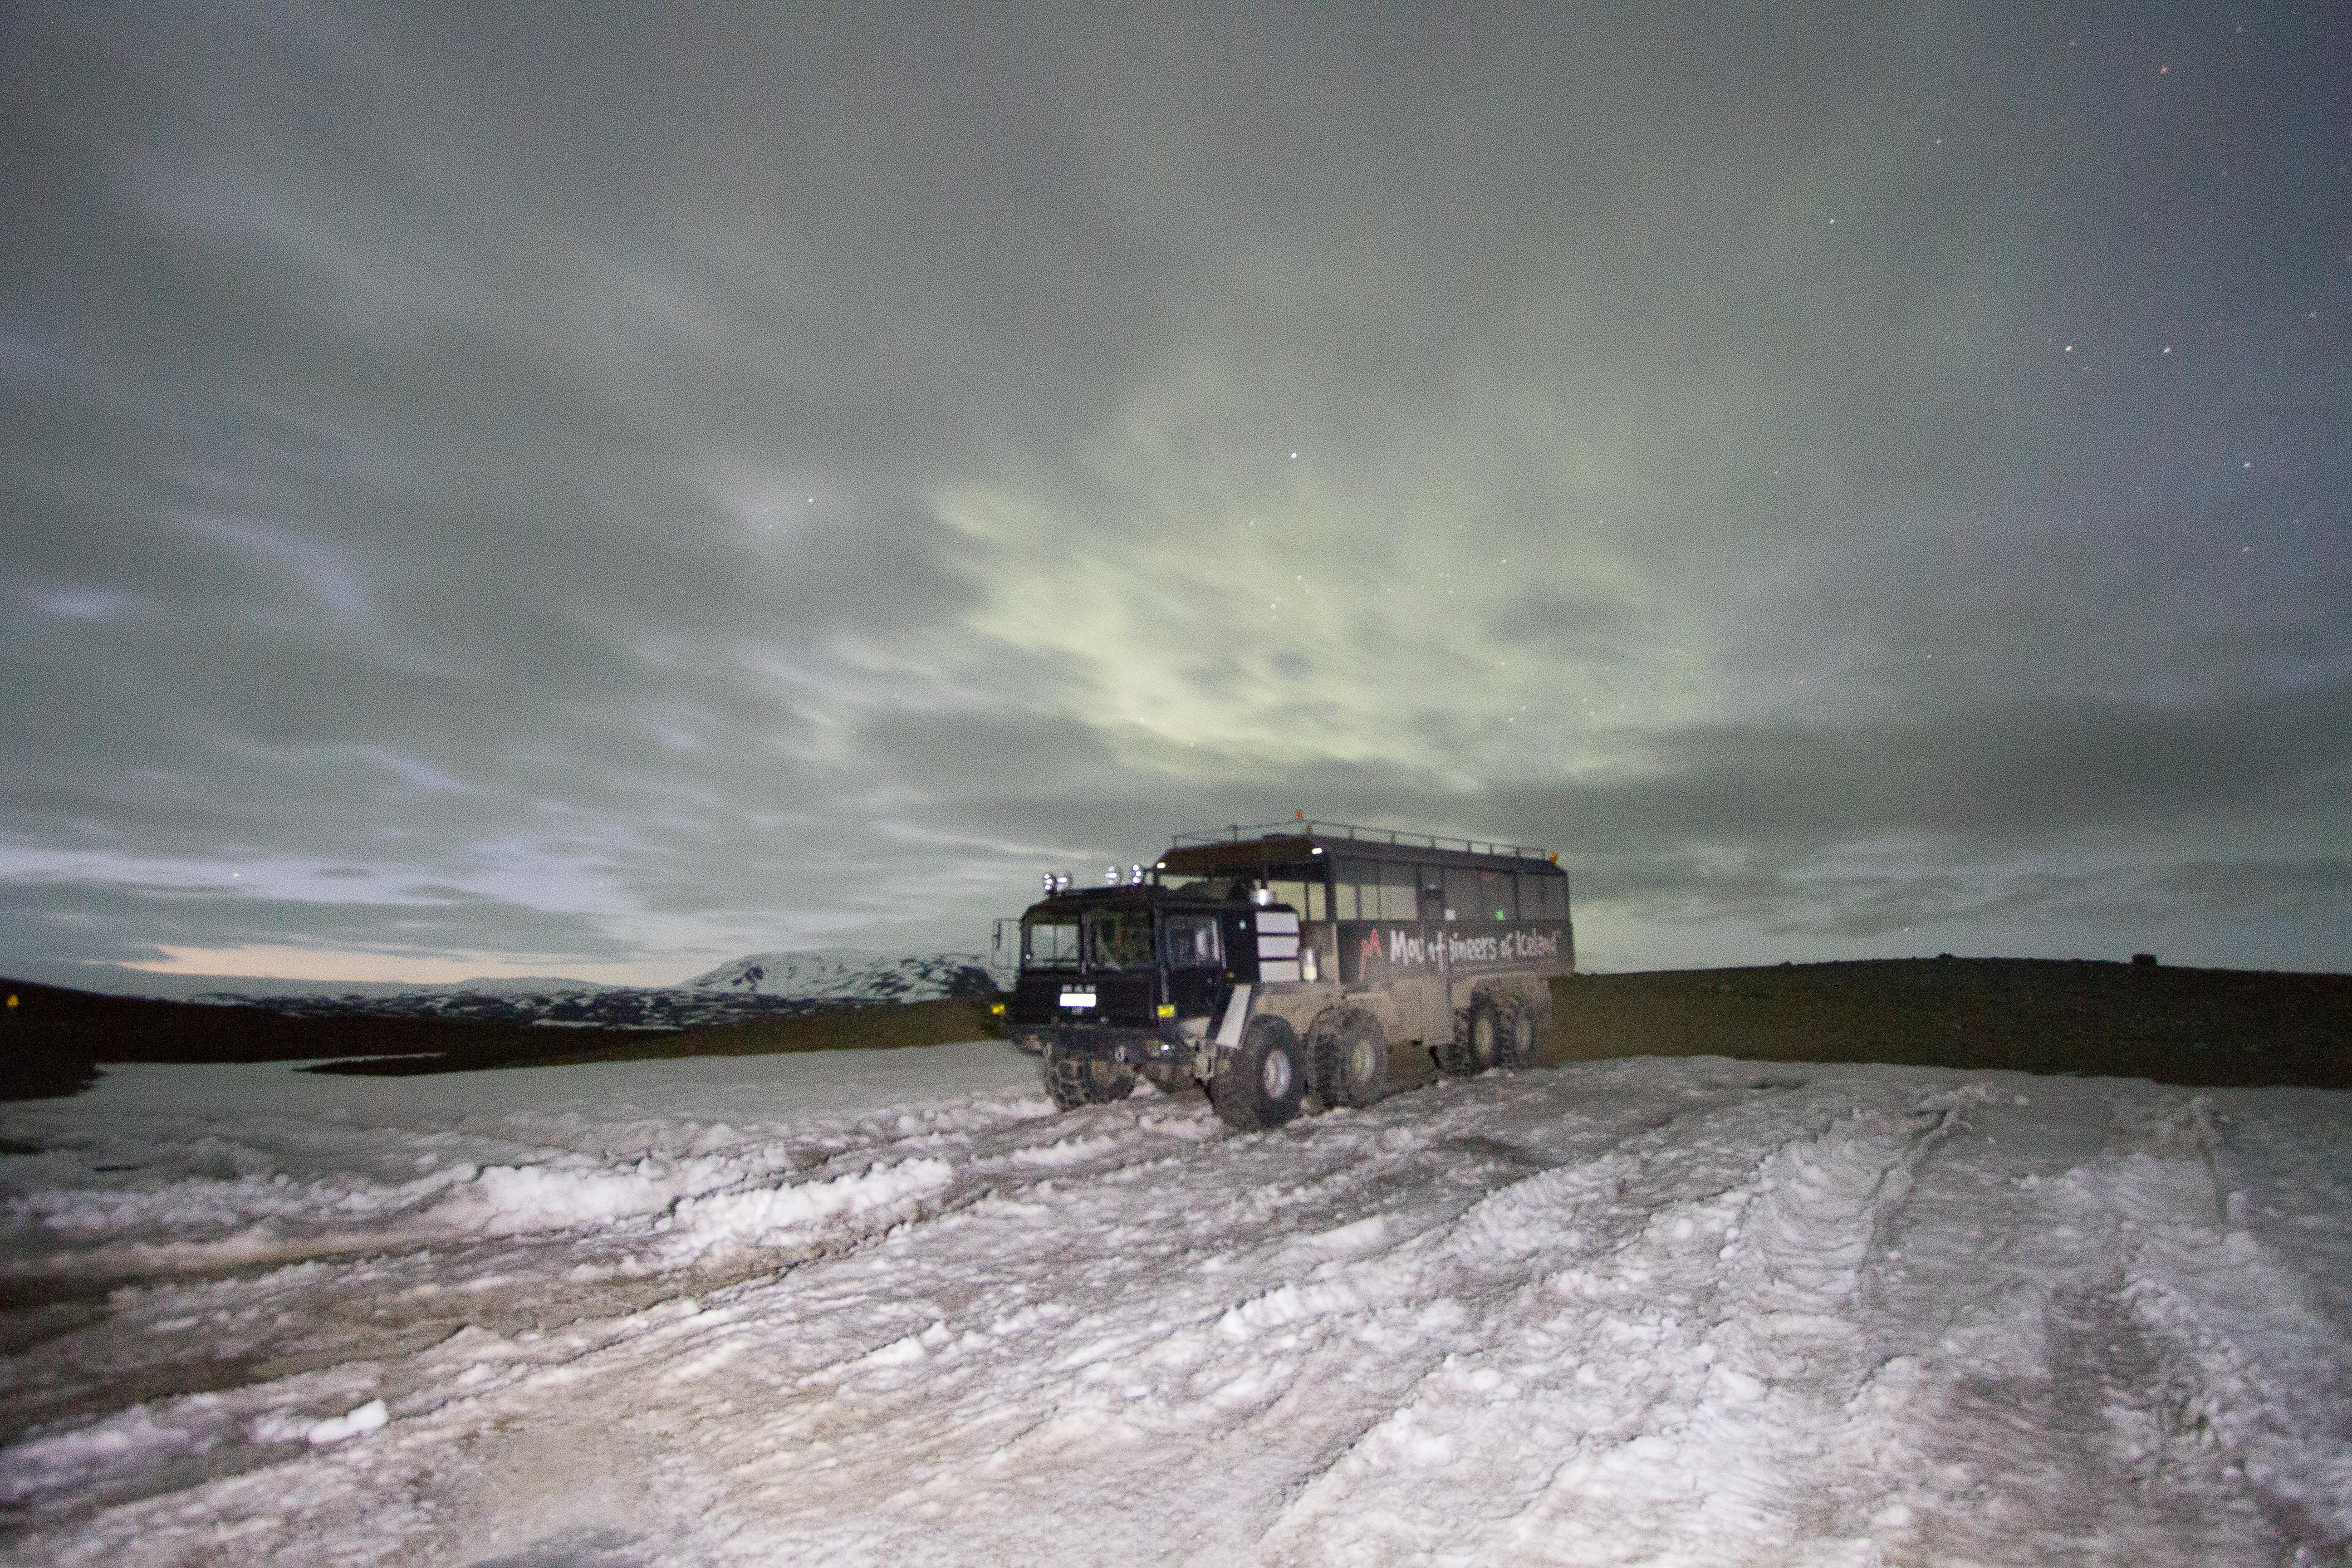 Os caminhões especialmente preparados para percorrer as geleiras.